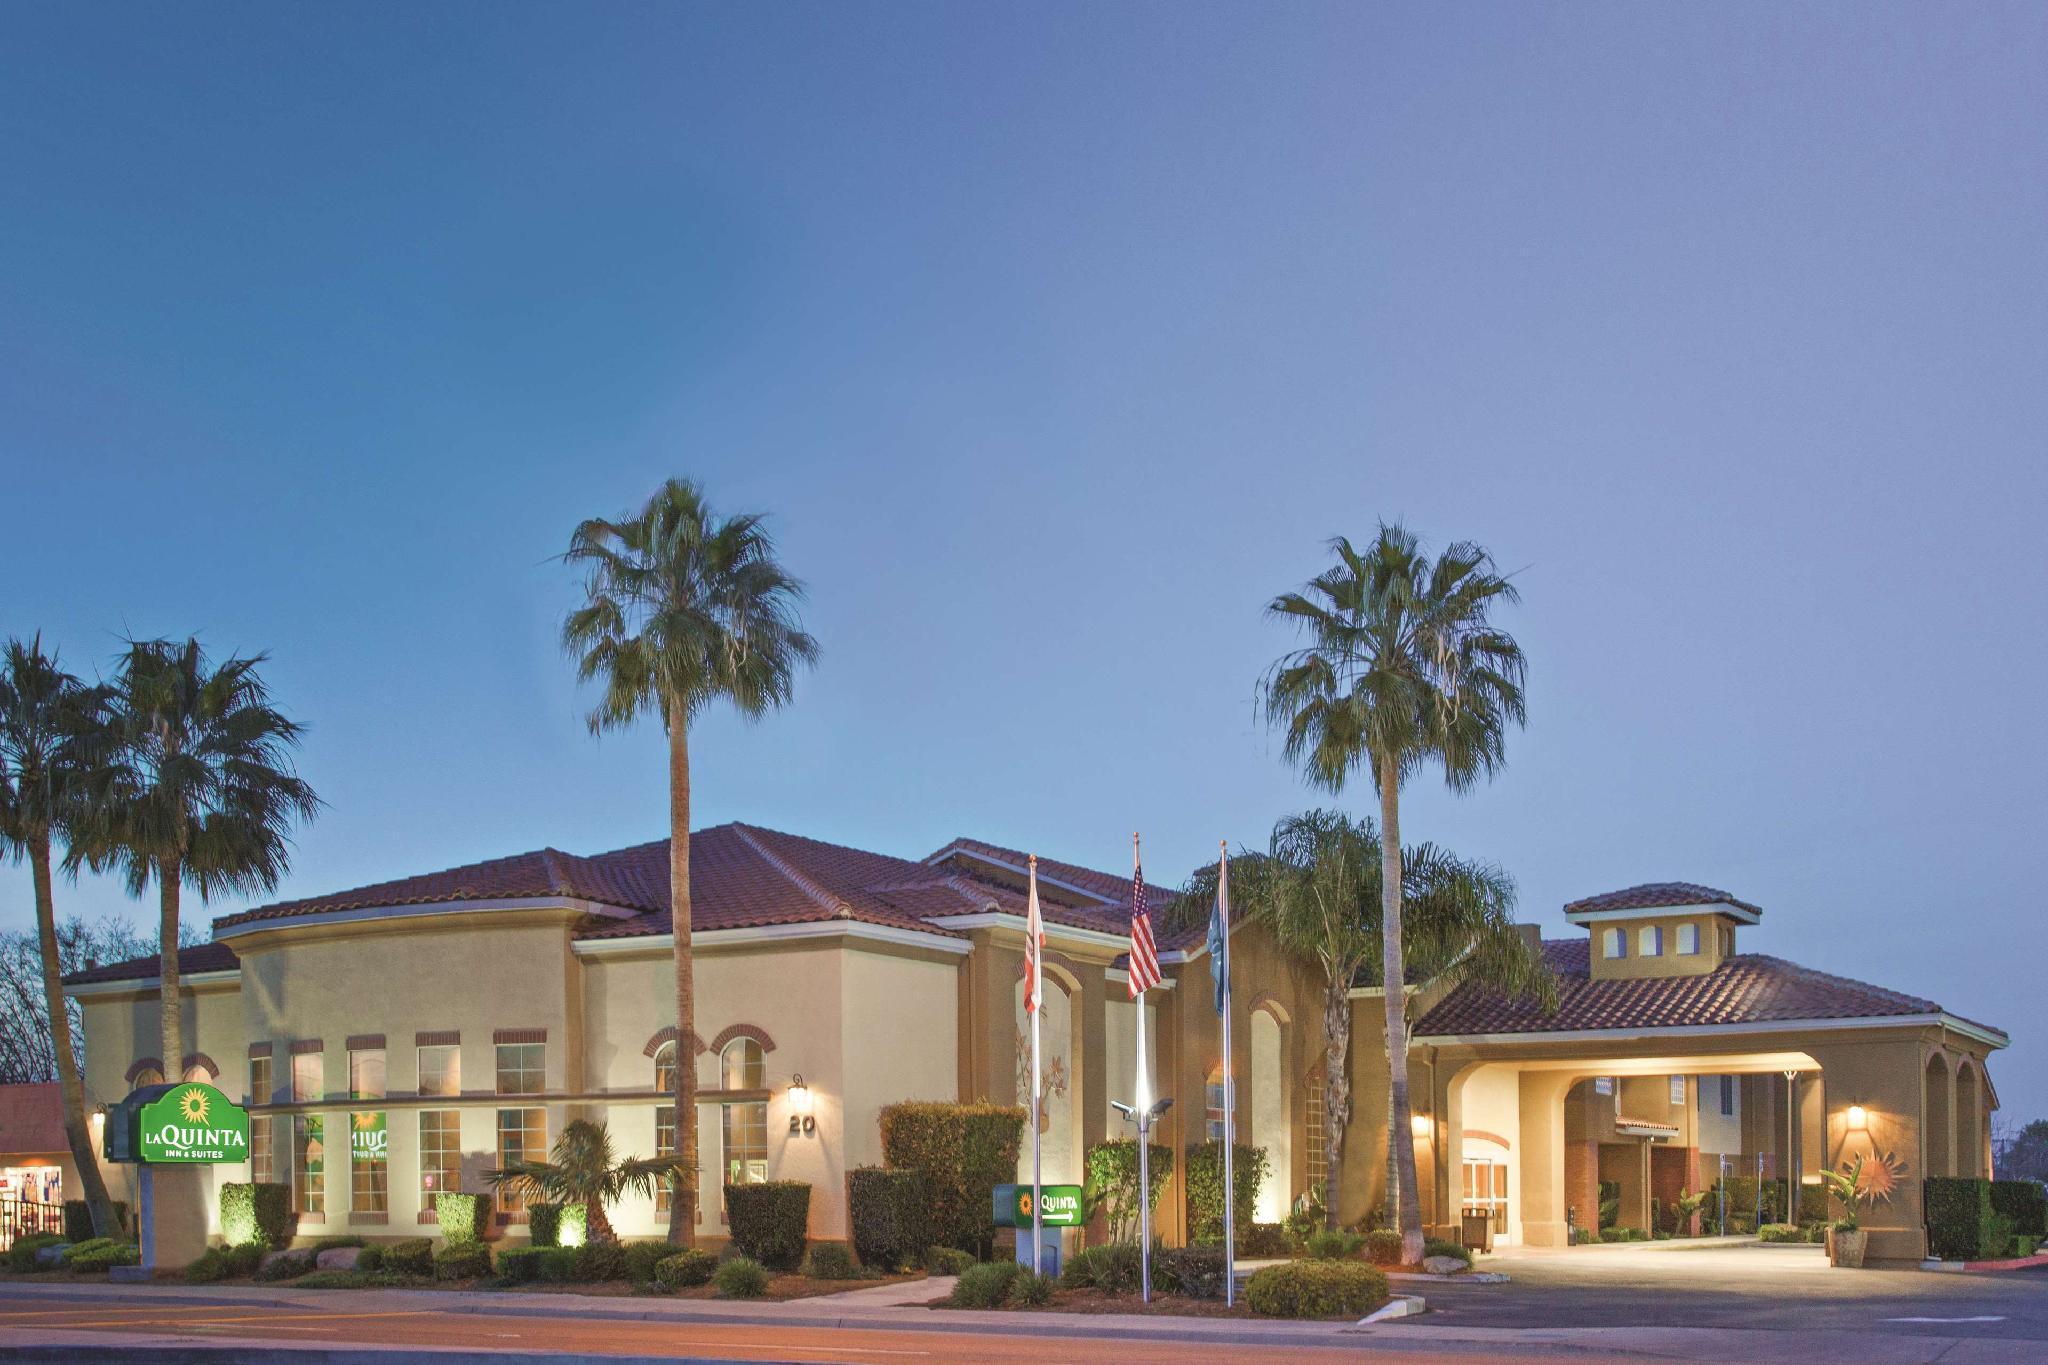 La Quinta Inn And Suites By Wyndham Los Banos